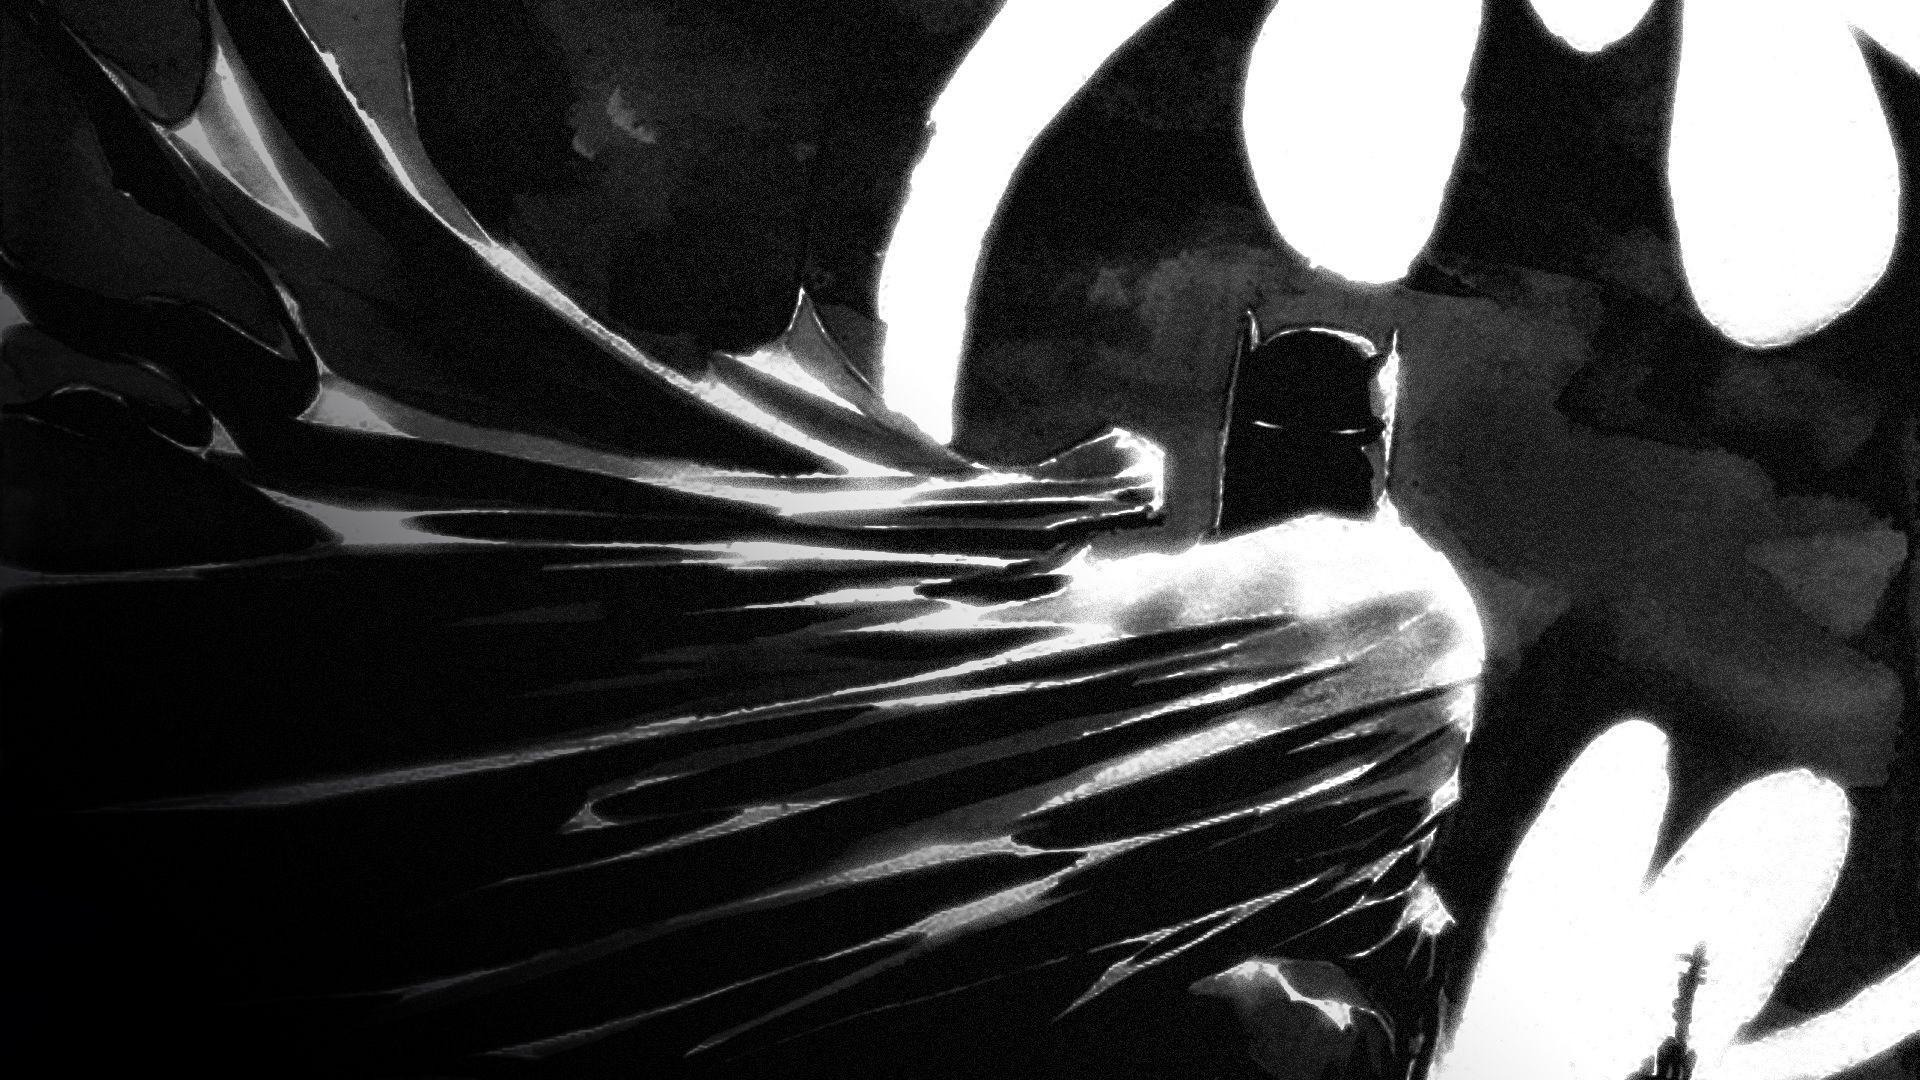 batman free desktop wallpaper by Braxton Smith (2017-03-05)